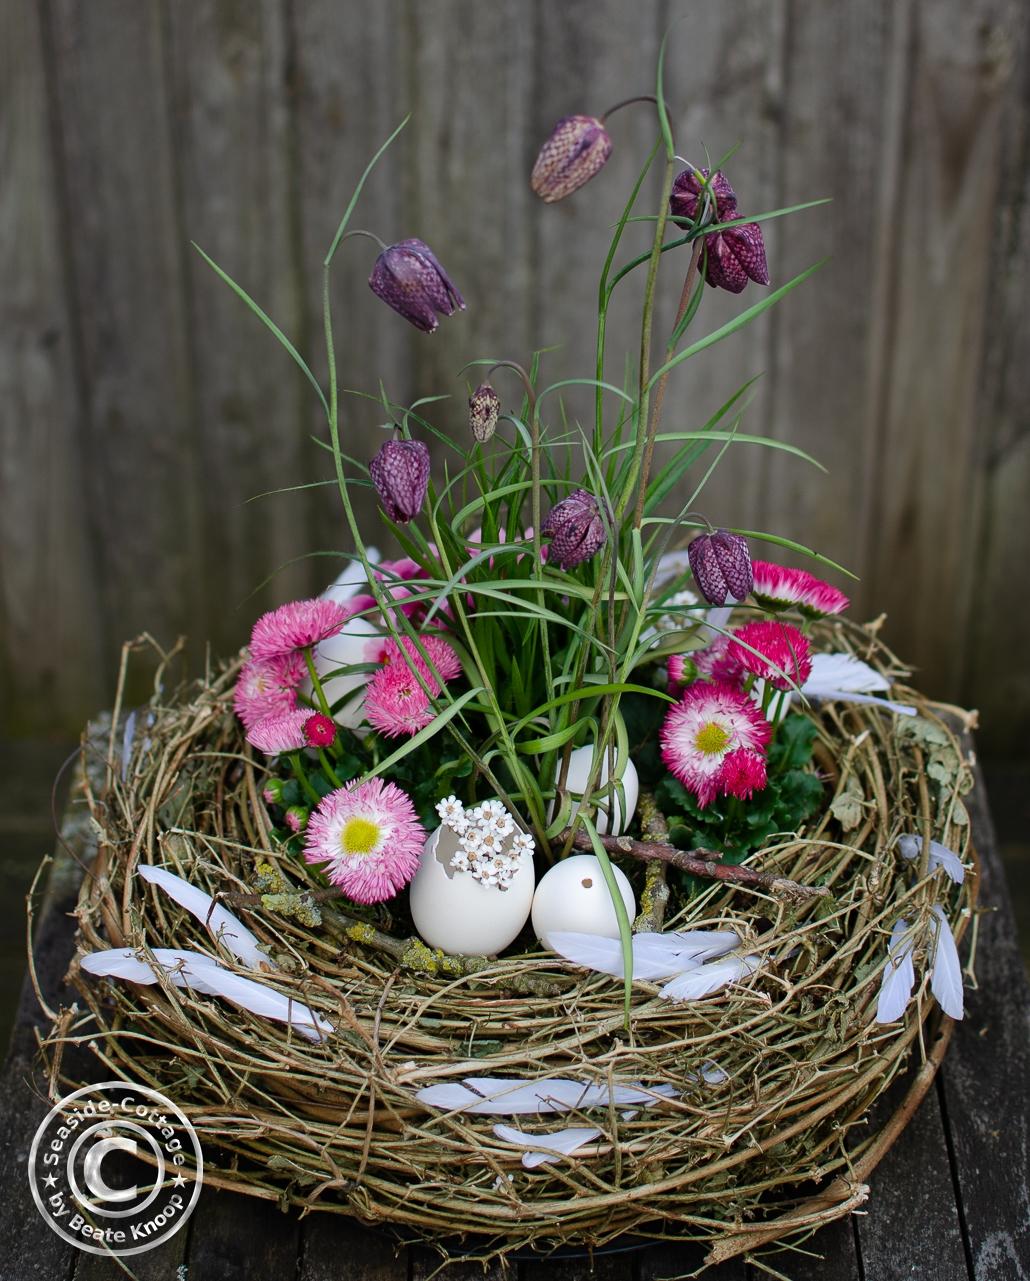 Anleitung für ein bepflanztes Osternest mit Primeln, Bellis und Schachbrettblumen